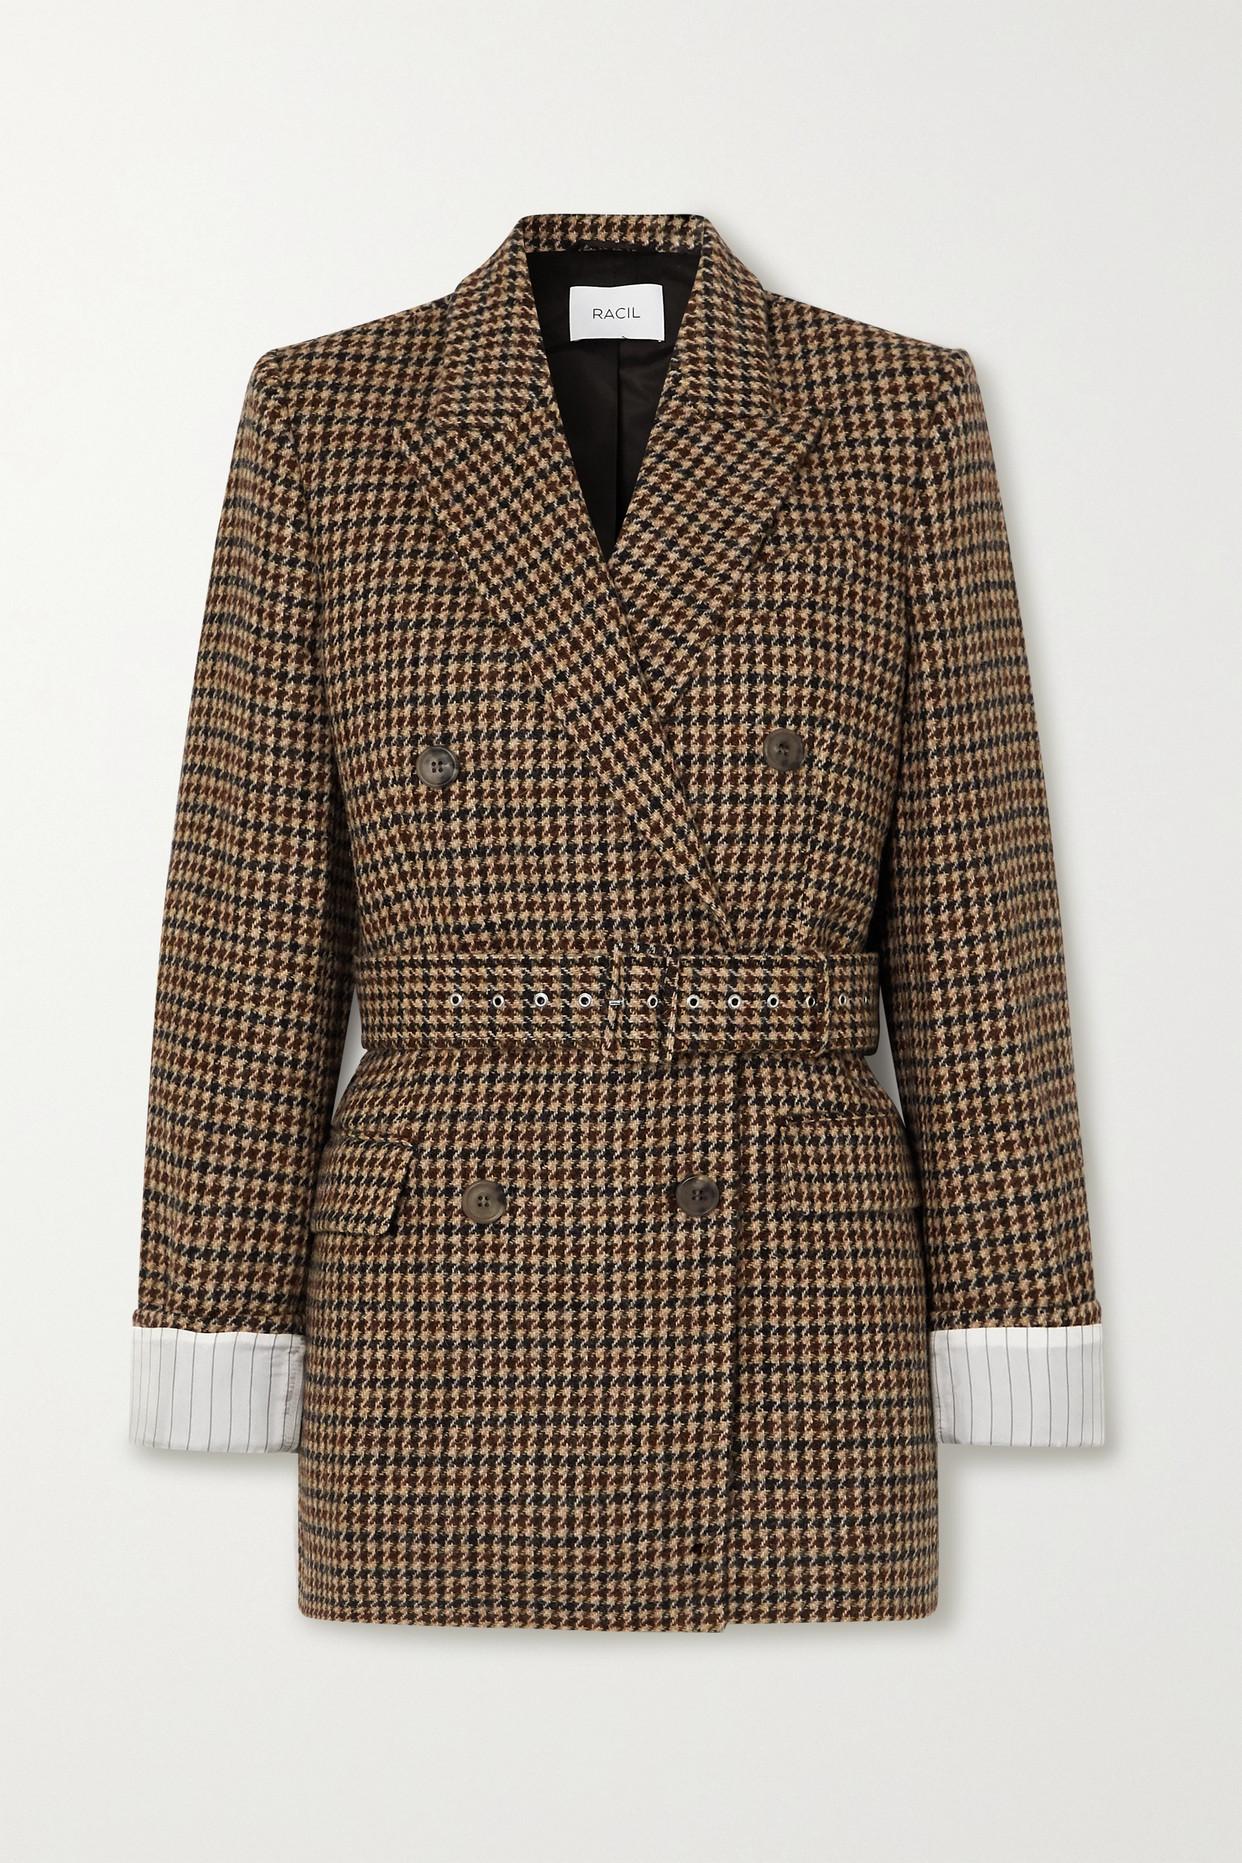 RACIL - Farrah 配腰带双排扣千鸟格羊毛花呢西装外套 - 棕色 - FR38